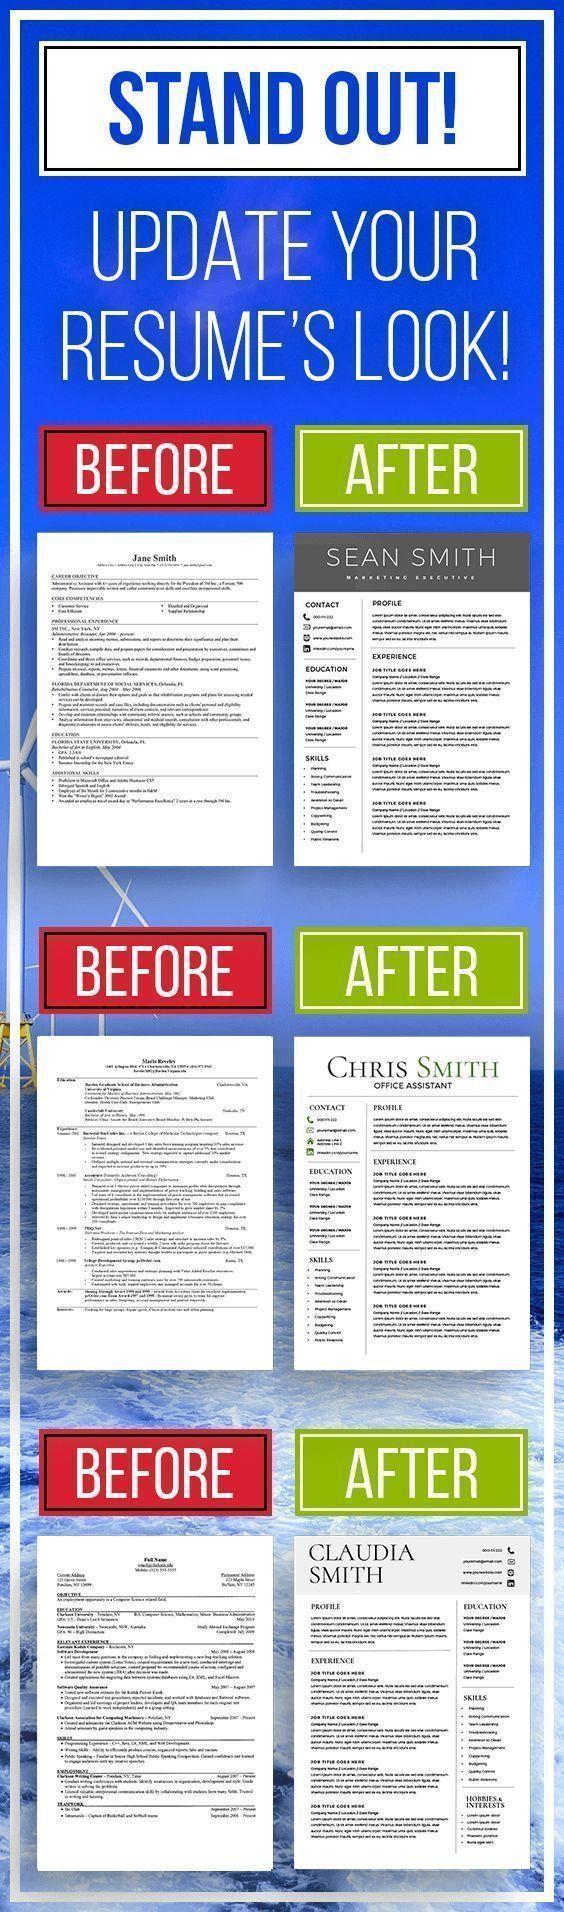 Best 25 Resume templates ideas on Pinterest  Resume Resume design template and Resume references